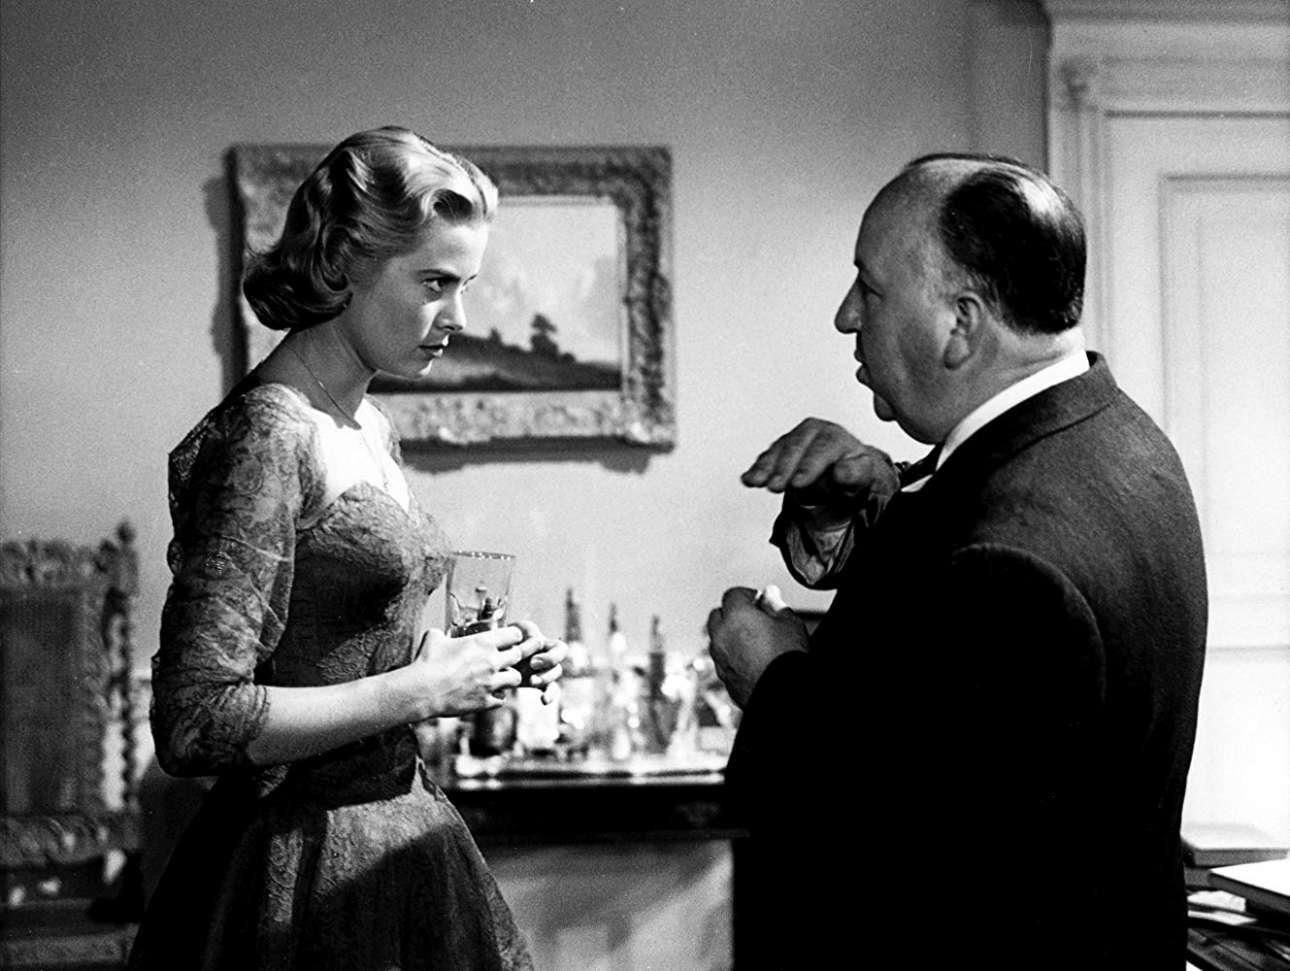 «Τηλεφωνήσατε Ασφάλεια Άμεσου Δράσεως», 1954. Η πανέμορφη Γκρέις Κέλι ακούει προσεκτικά τις οδηγίες του Χίτσκοκ για τον ρόλο της ως Μάργκοτ Βένις, μία γυναίκα που θέλει να δολοφονήσει ο άνδρας της όταν μαθαίνει πως τον απατάει